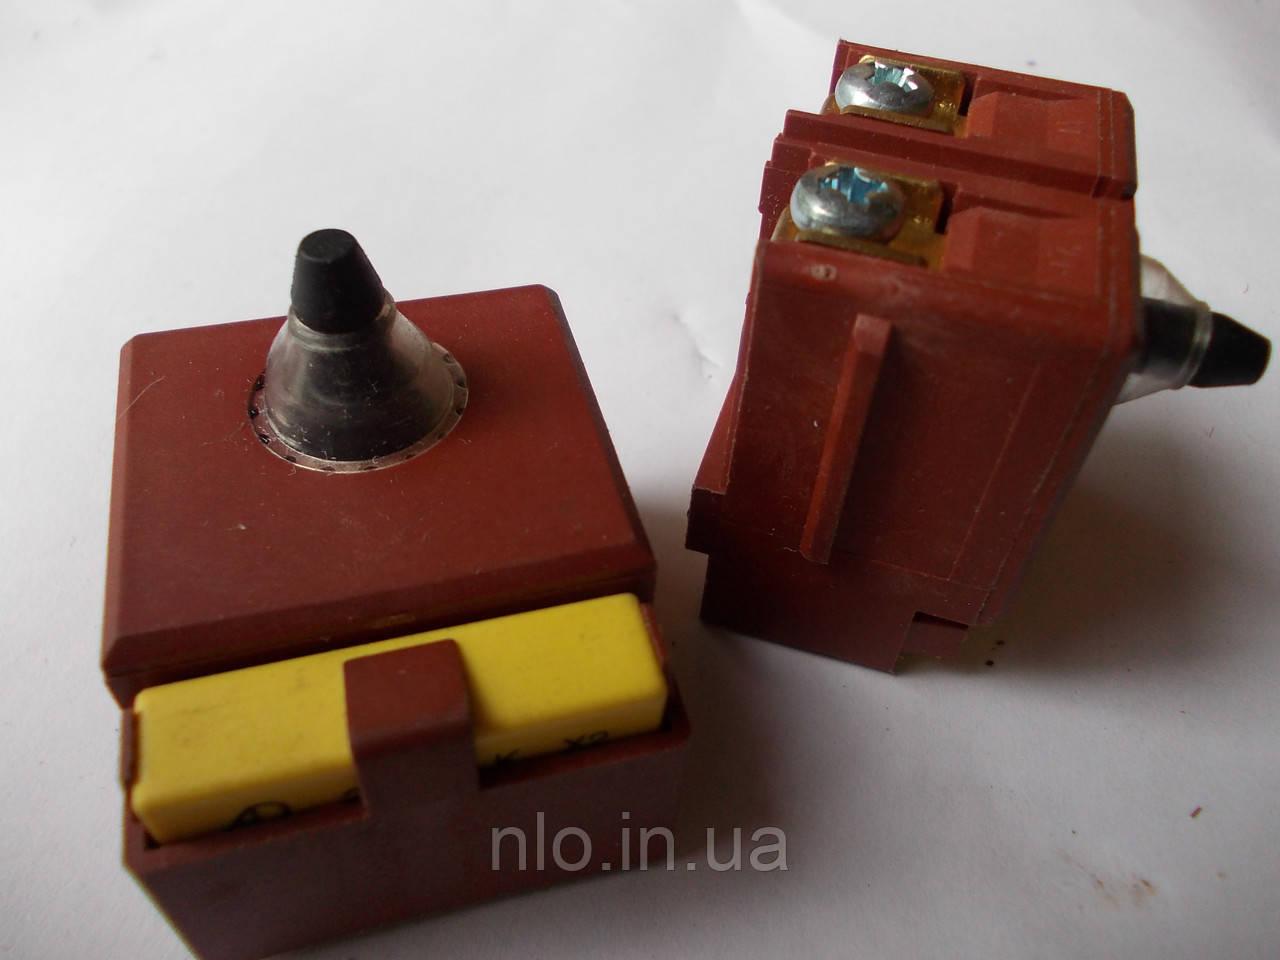 Кнопка болгарки 125 В